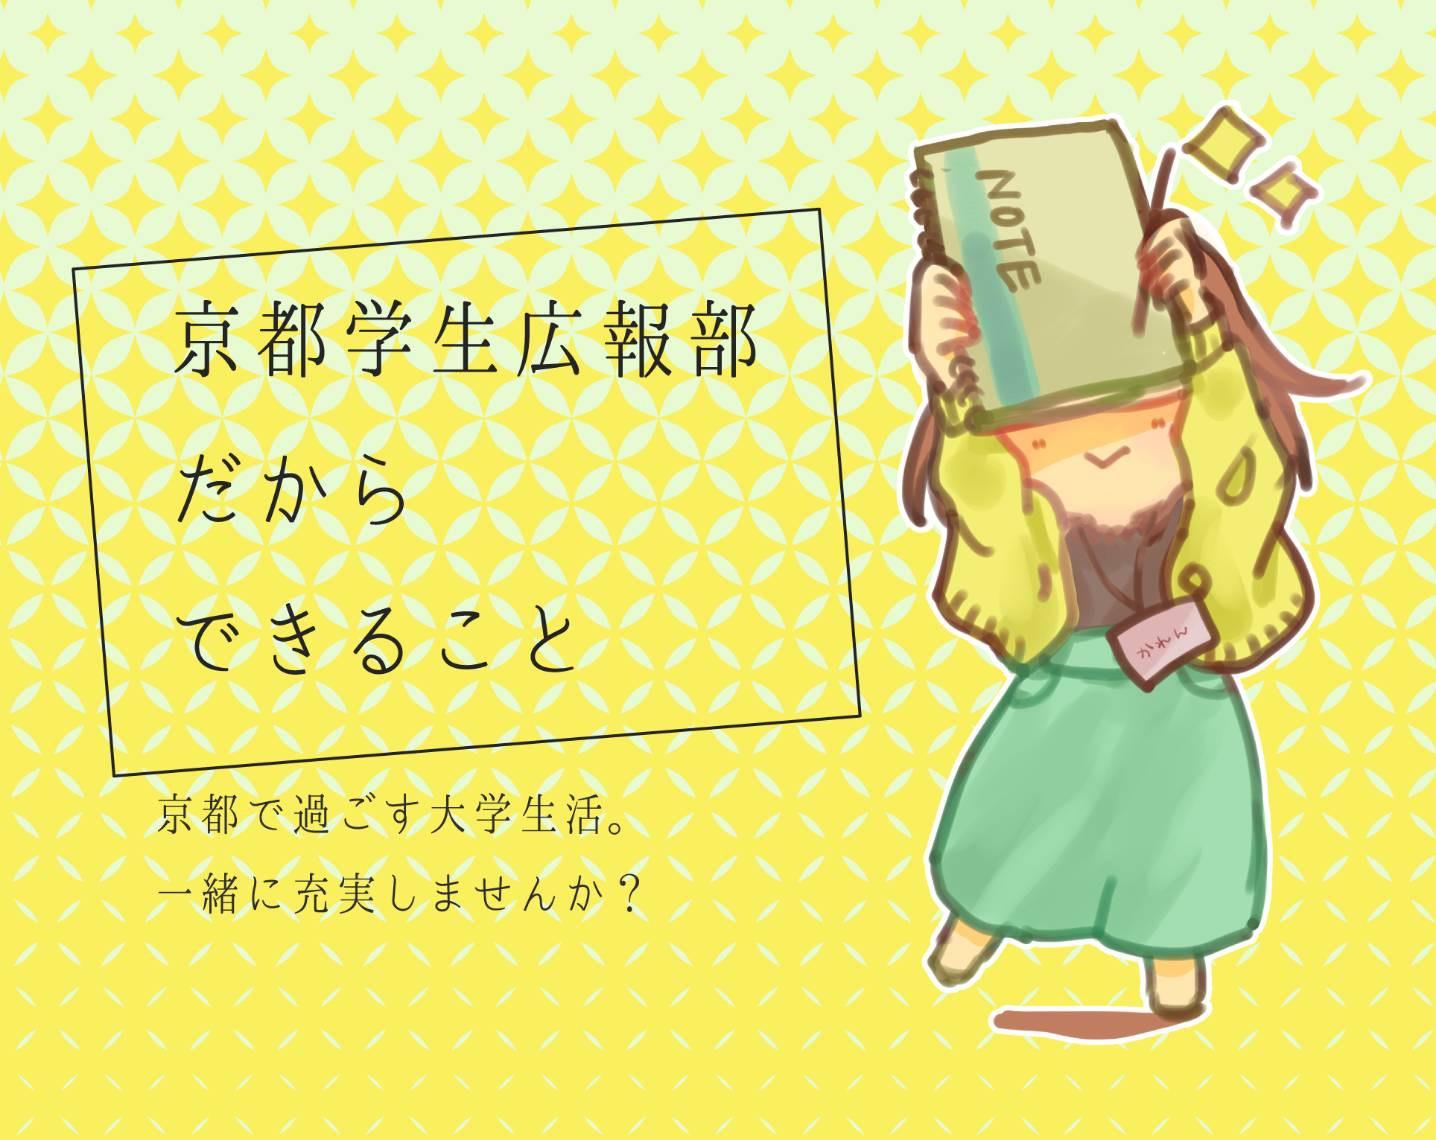 京都学生広報部だからできること